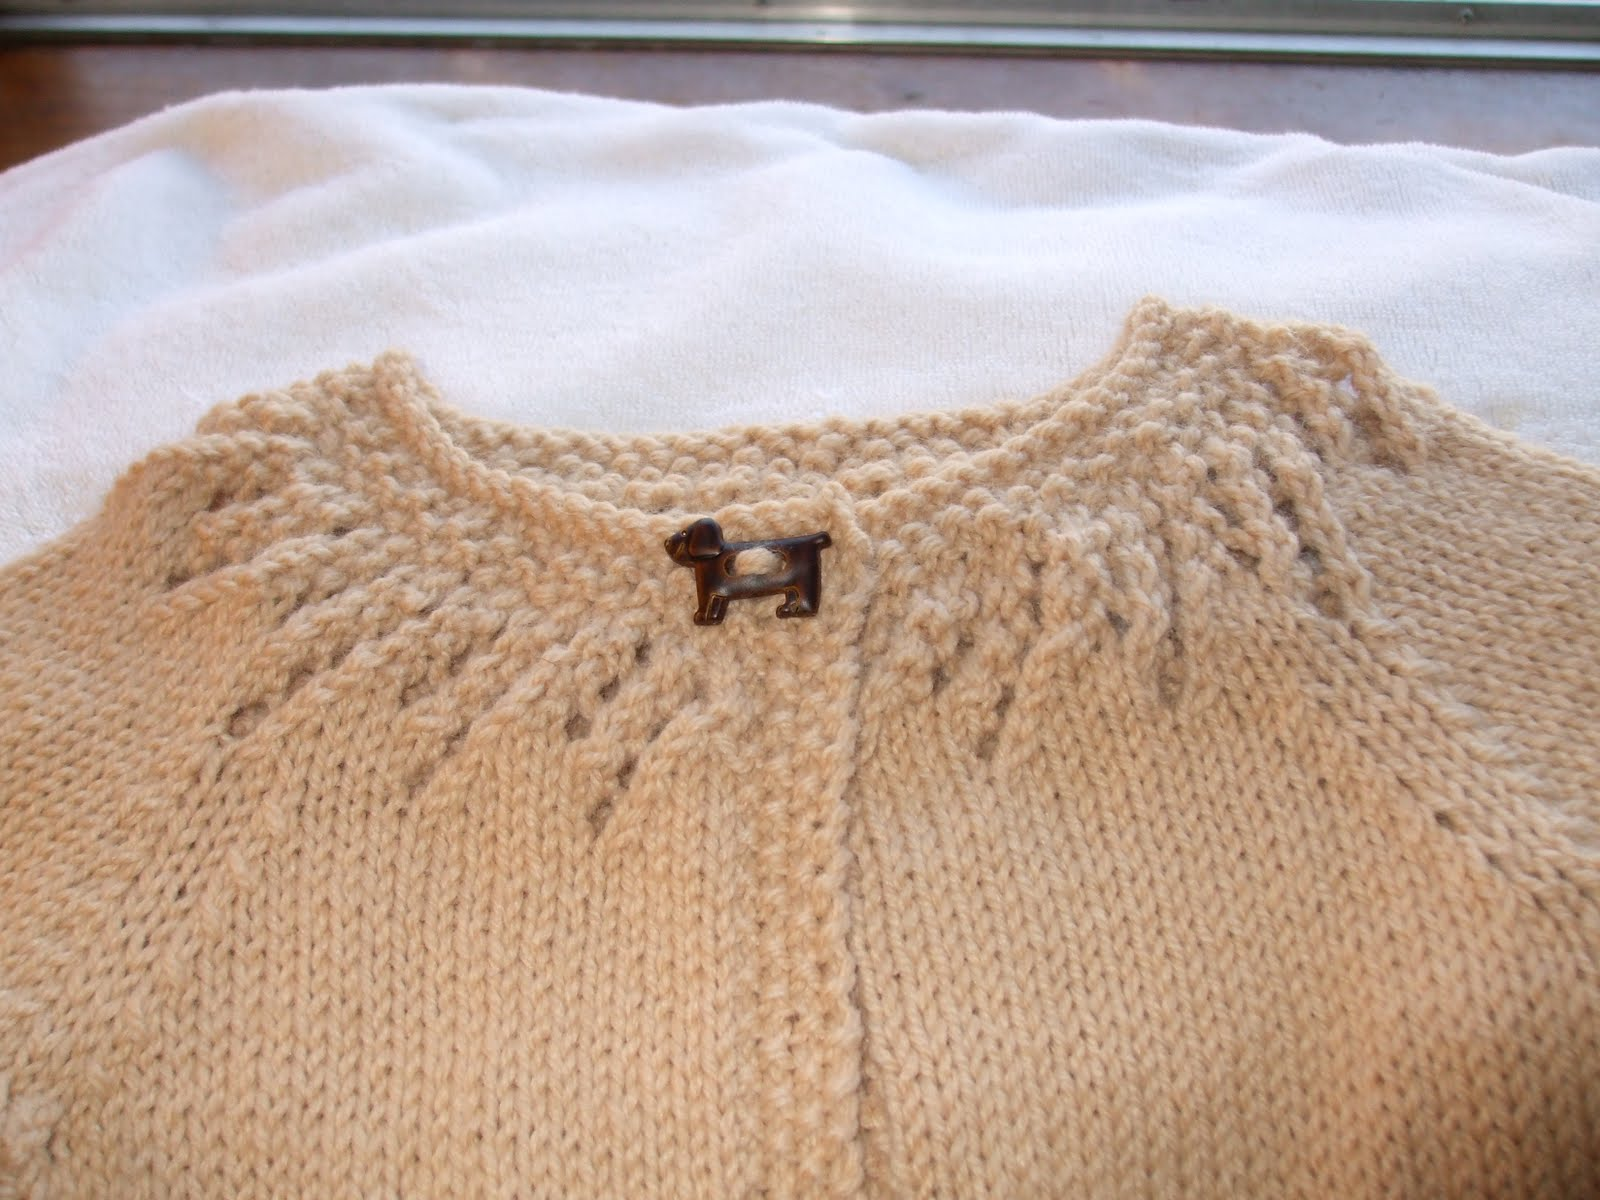 http://3.bp.blogspot.com/_-WU8WsMDDew/S8JPLDo6SlI/AAAAAAAAAcI/Vwm1-UFGfcQ/s1600/Encore%20Baby%20Sweater%20yoke.jpg